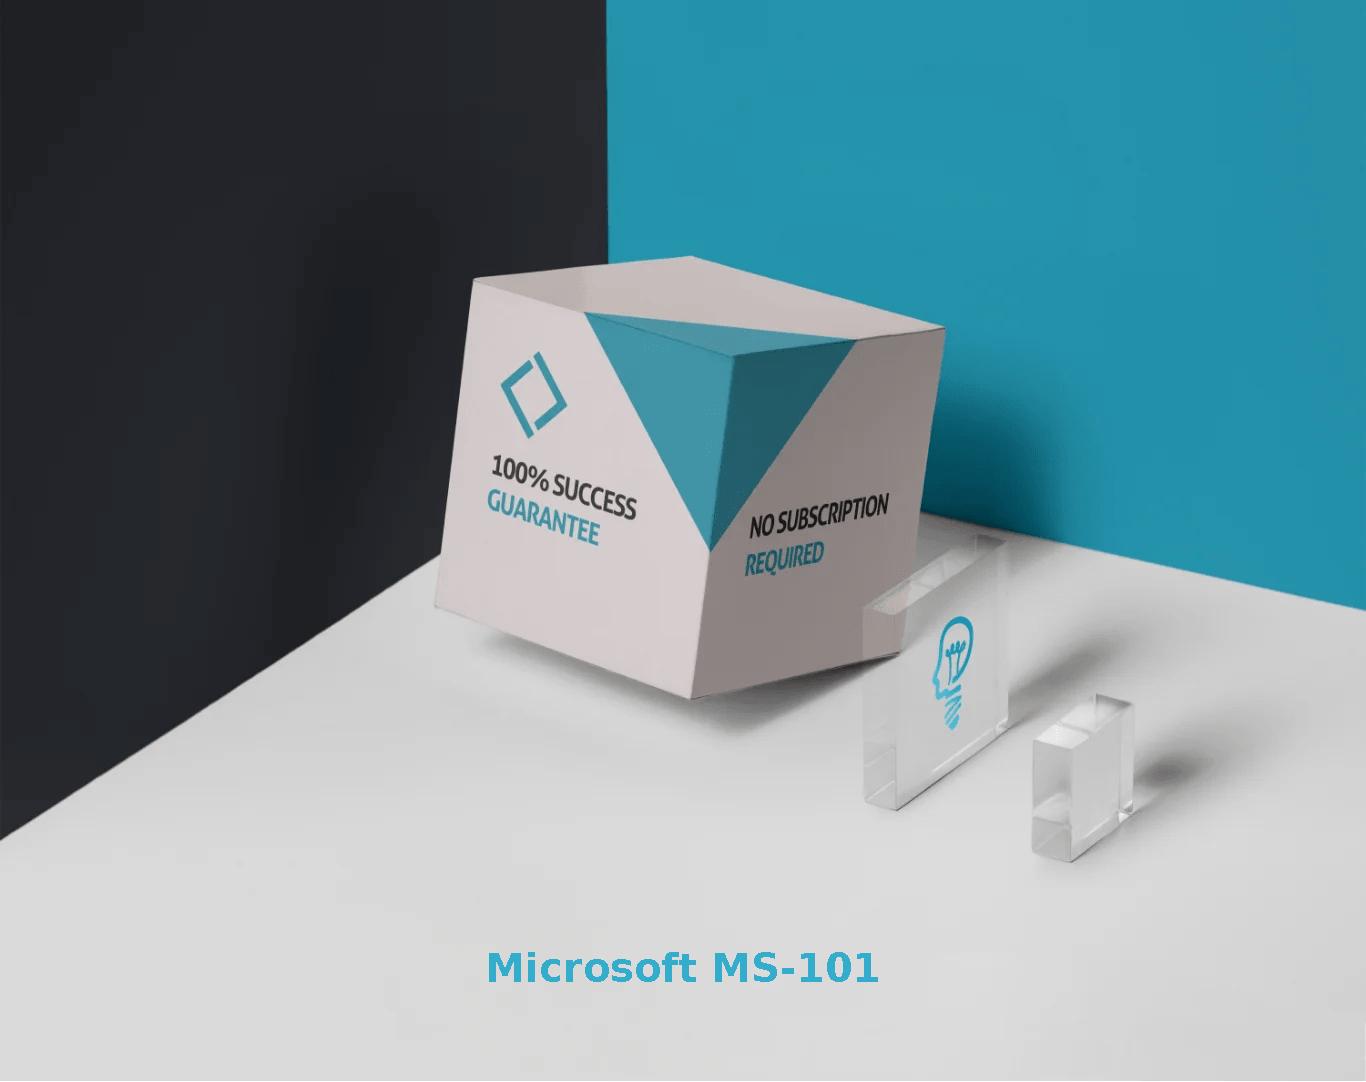 MS-101 dumps